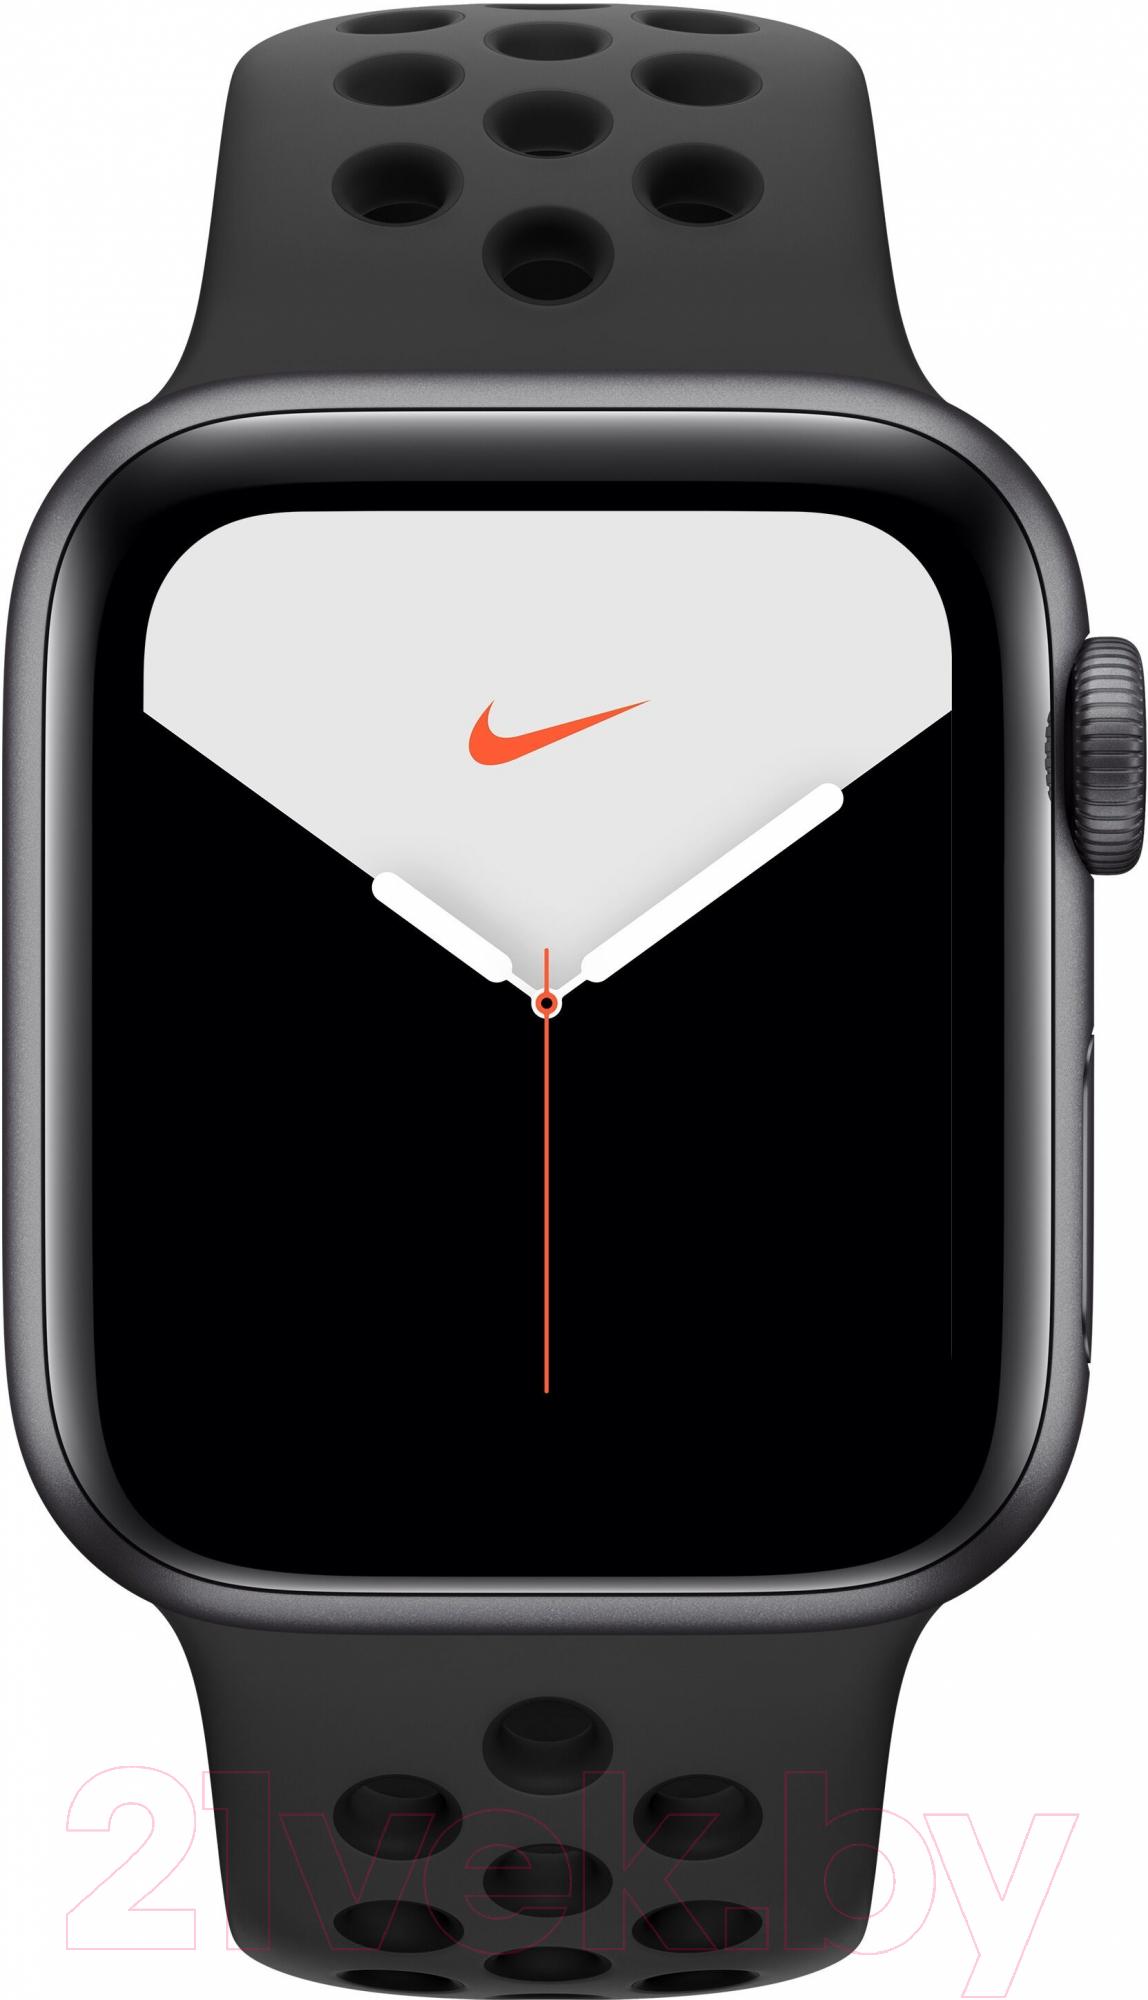 Купить Умные часы Apple, Watch Series 5 Nike+ GPS 40mm / MX3T2 (алюминий серый космос/антрацитовый, черный), Китай